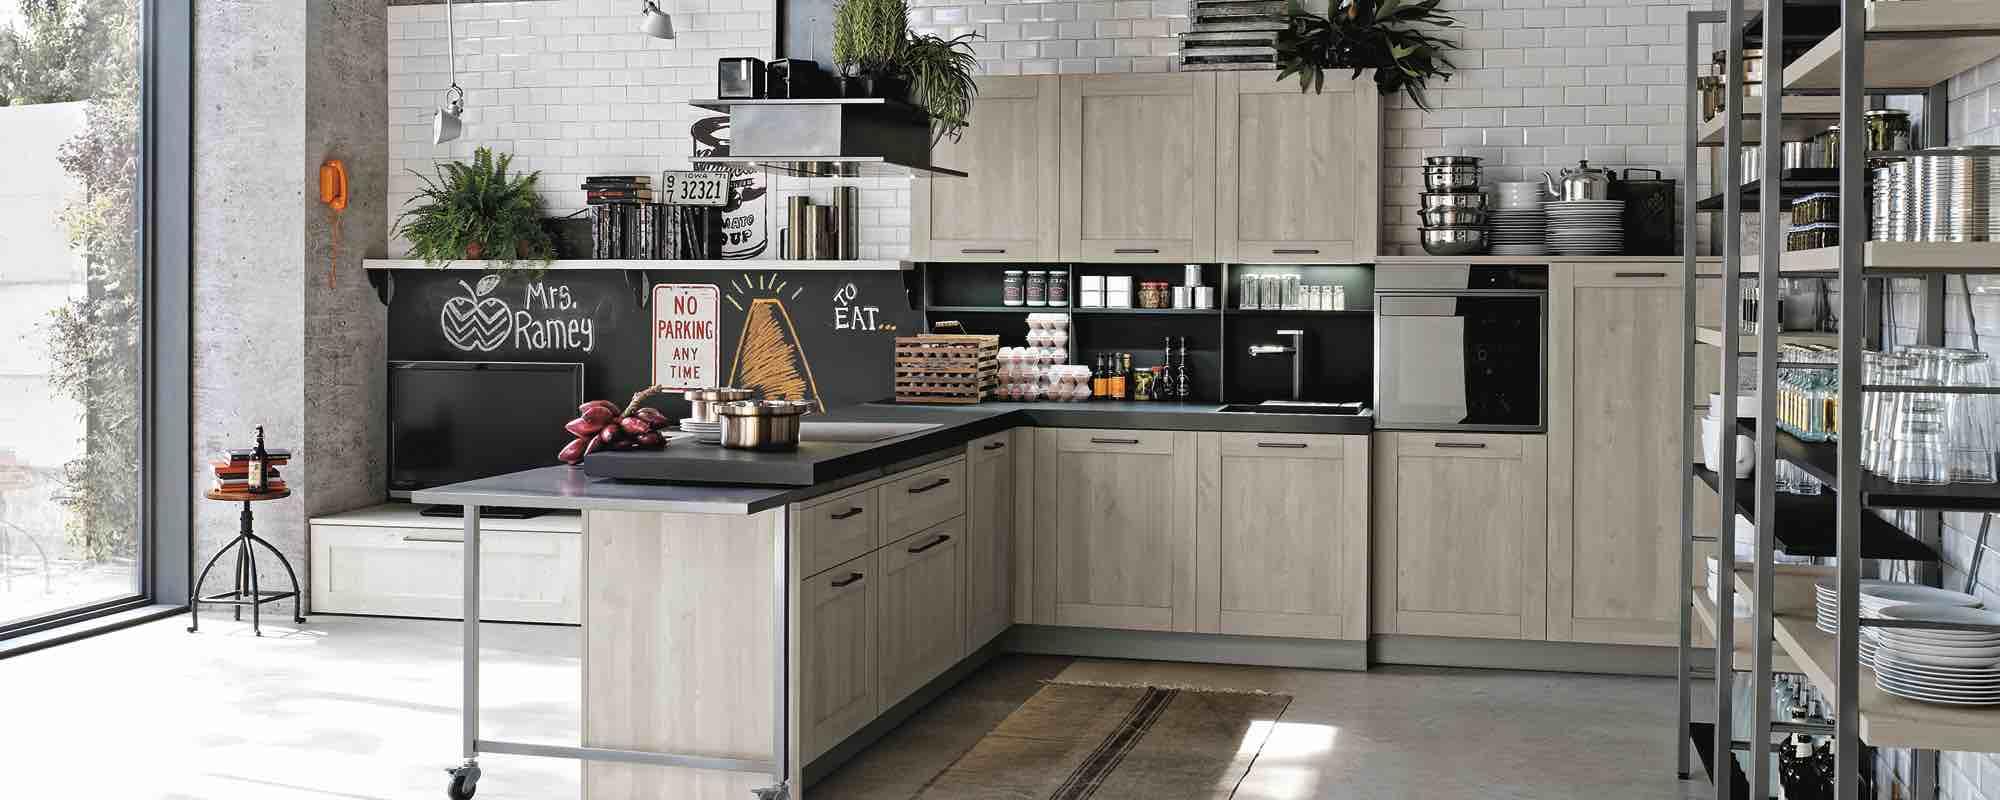 Cucine Componibili Vibo Valentia : Cucine moderne vibo valentia scarcia arredamenti